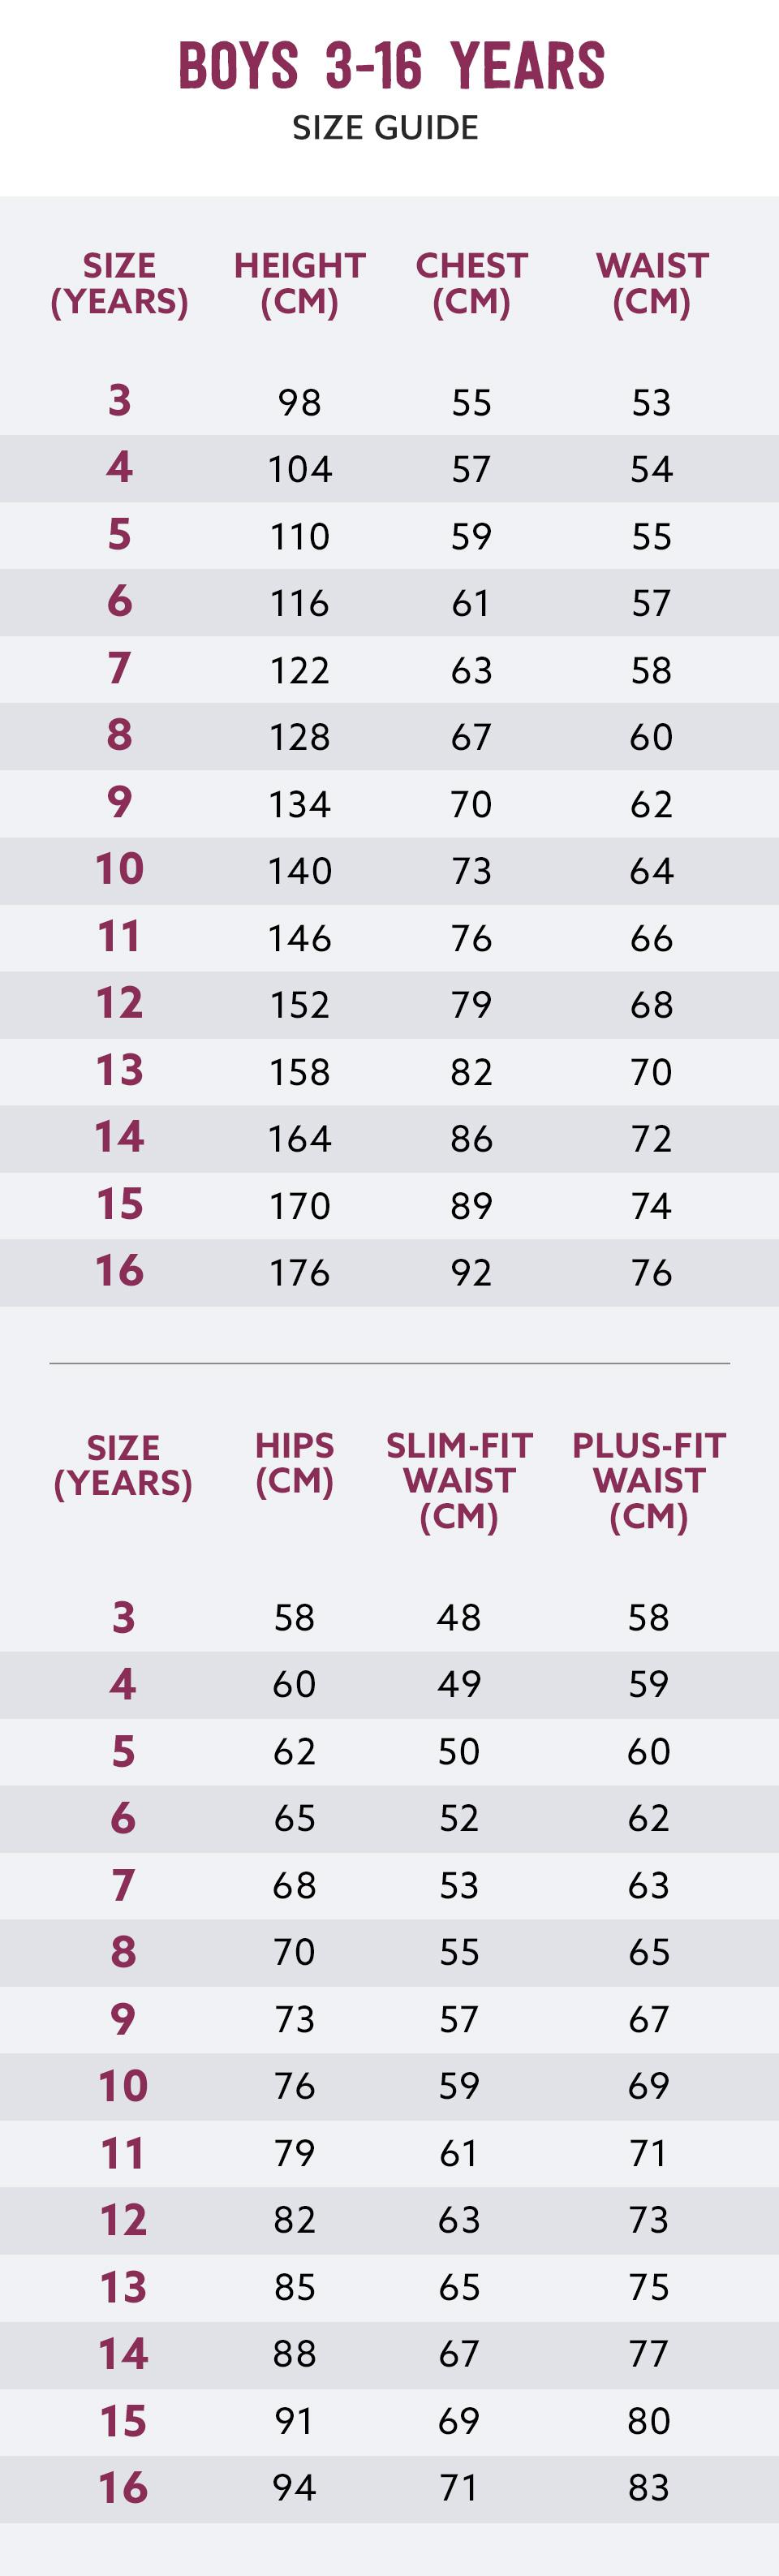 School Uniforms Size Chart | Kids Schoolwear Size Guide | Next